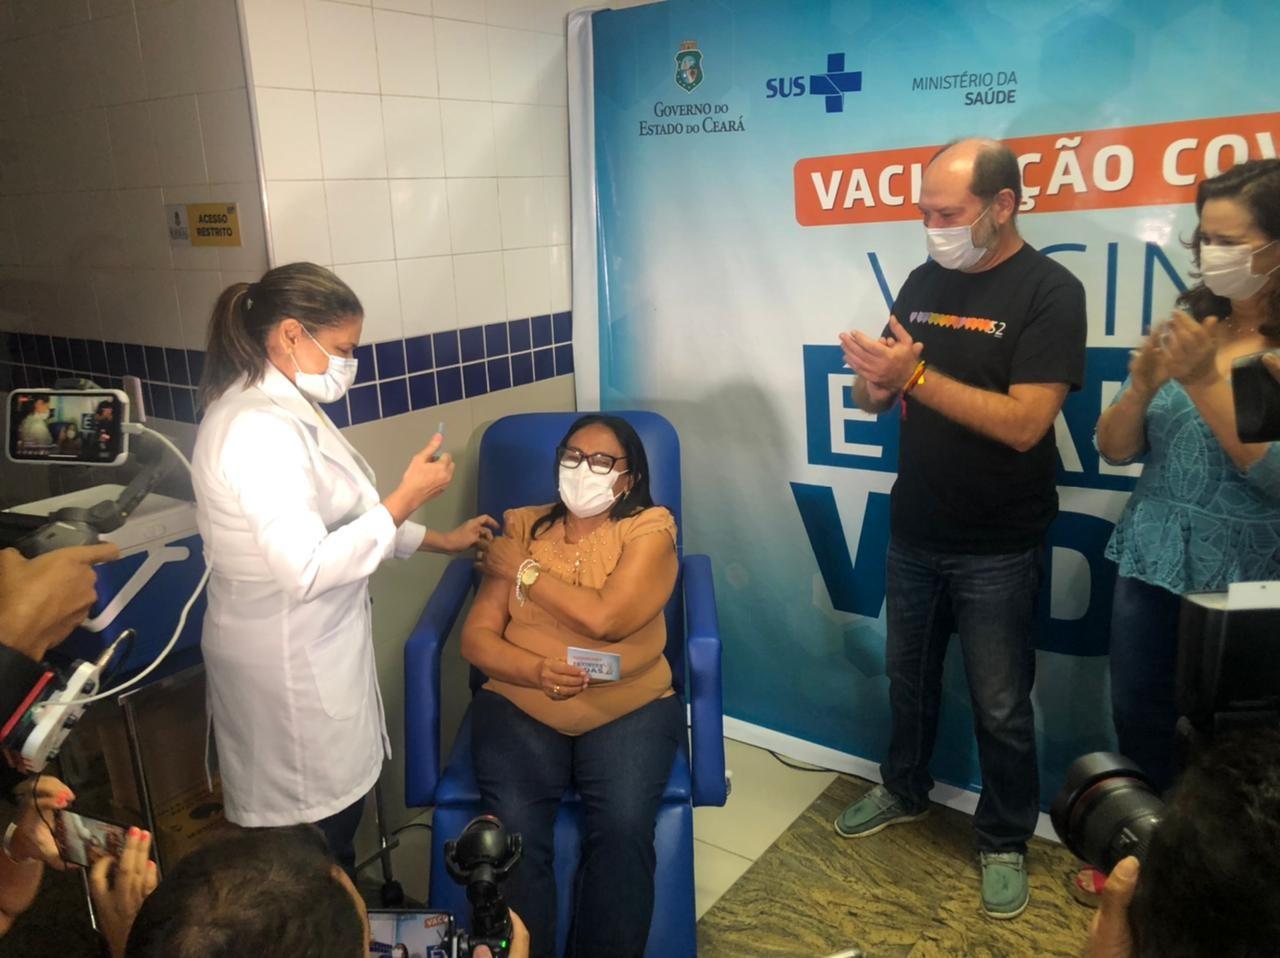 Agente de saúde de 64 anos é a primeira a ser vacinada contra a Covid-19 em Sobral, no Ceará